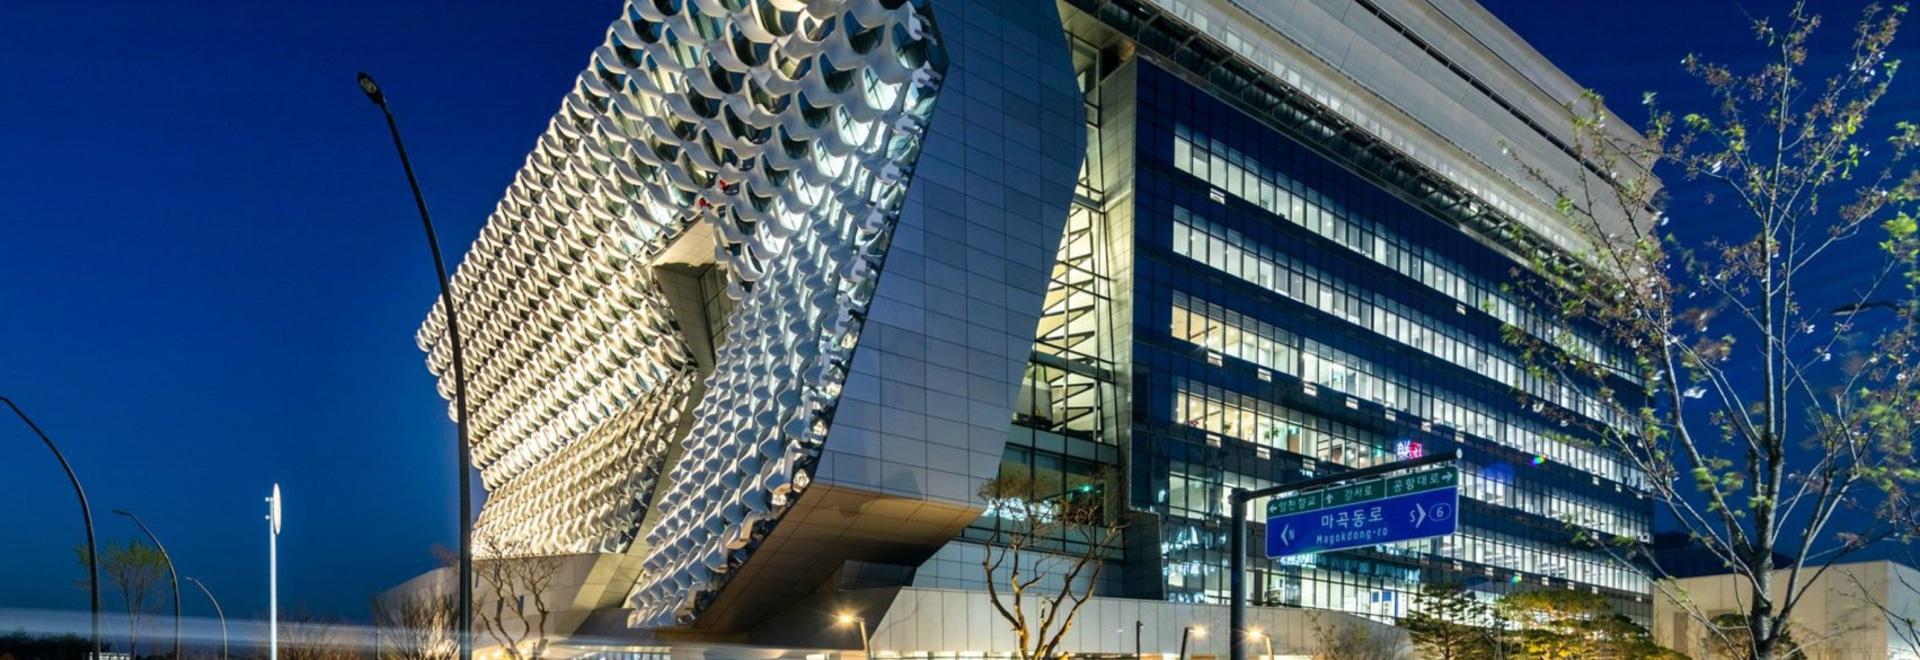 El Morphosis teje la fachada del centro de investigación de la materia textil de la fibra reforzada